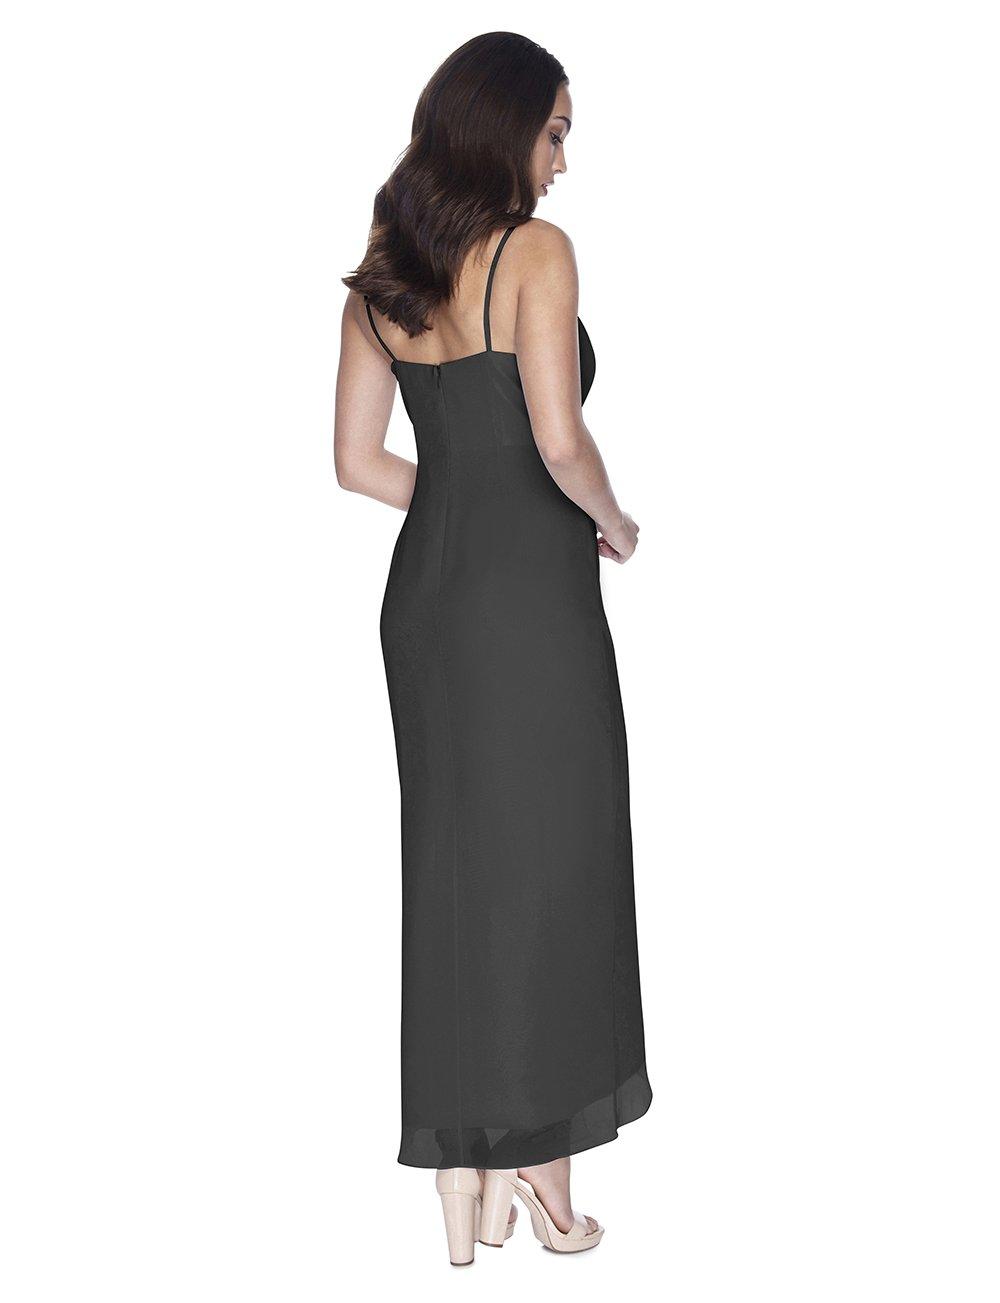 Try Before You Buy Bridesmaids Dress Chloe in Slate Grey